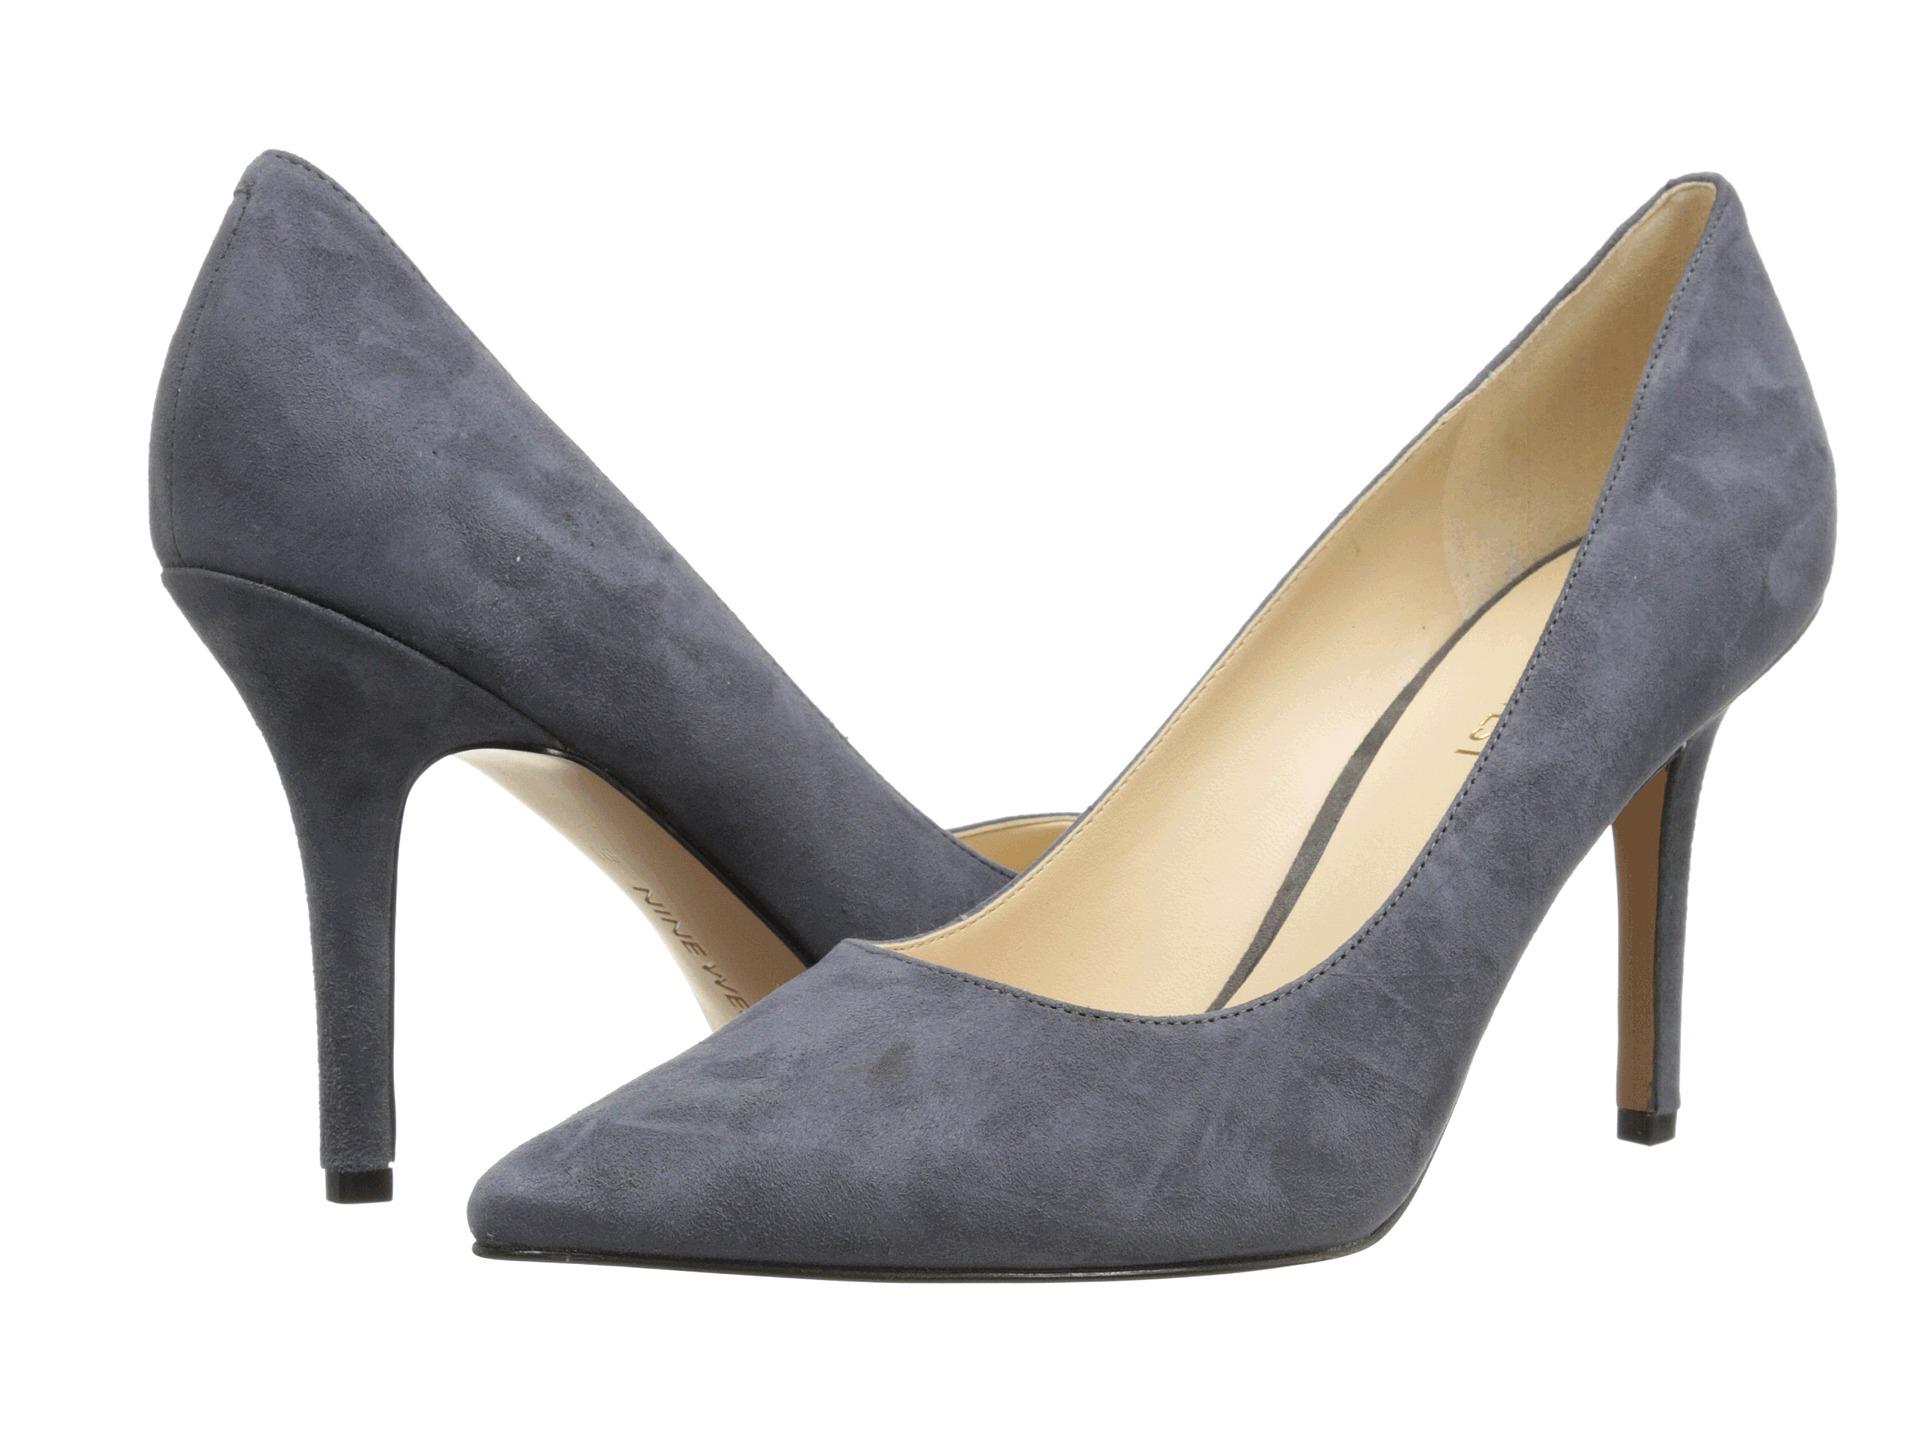 zappos gray wedges high heel sandals